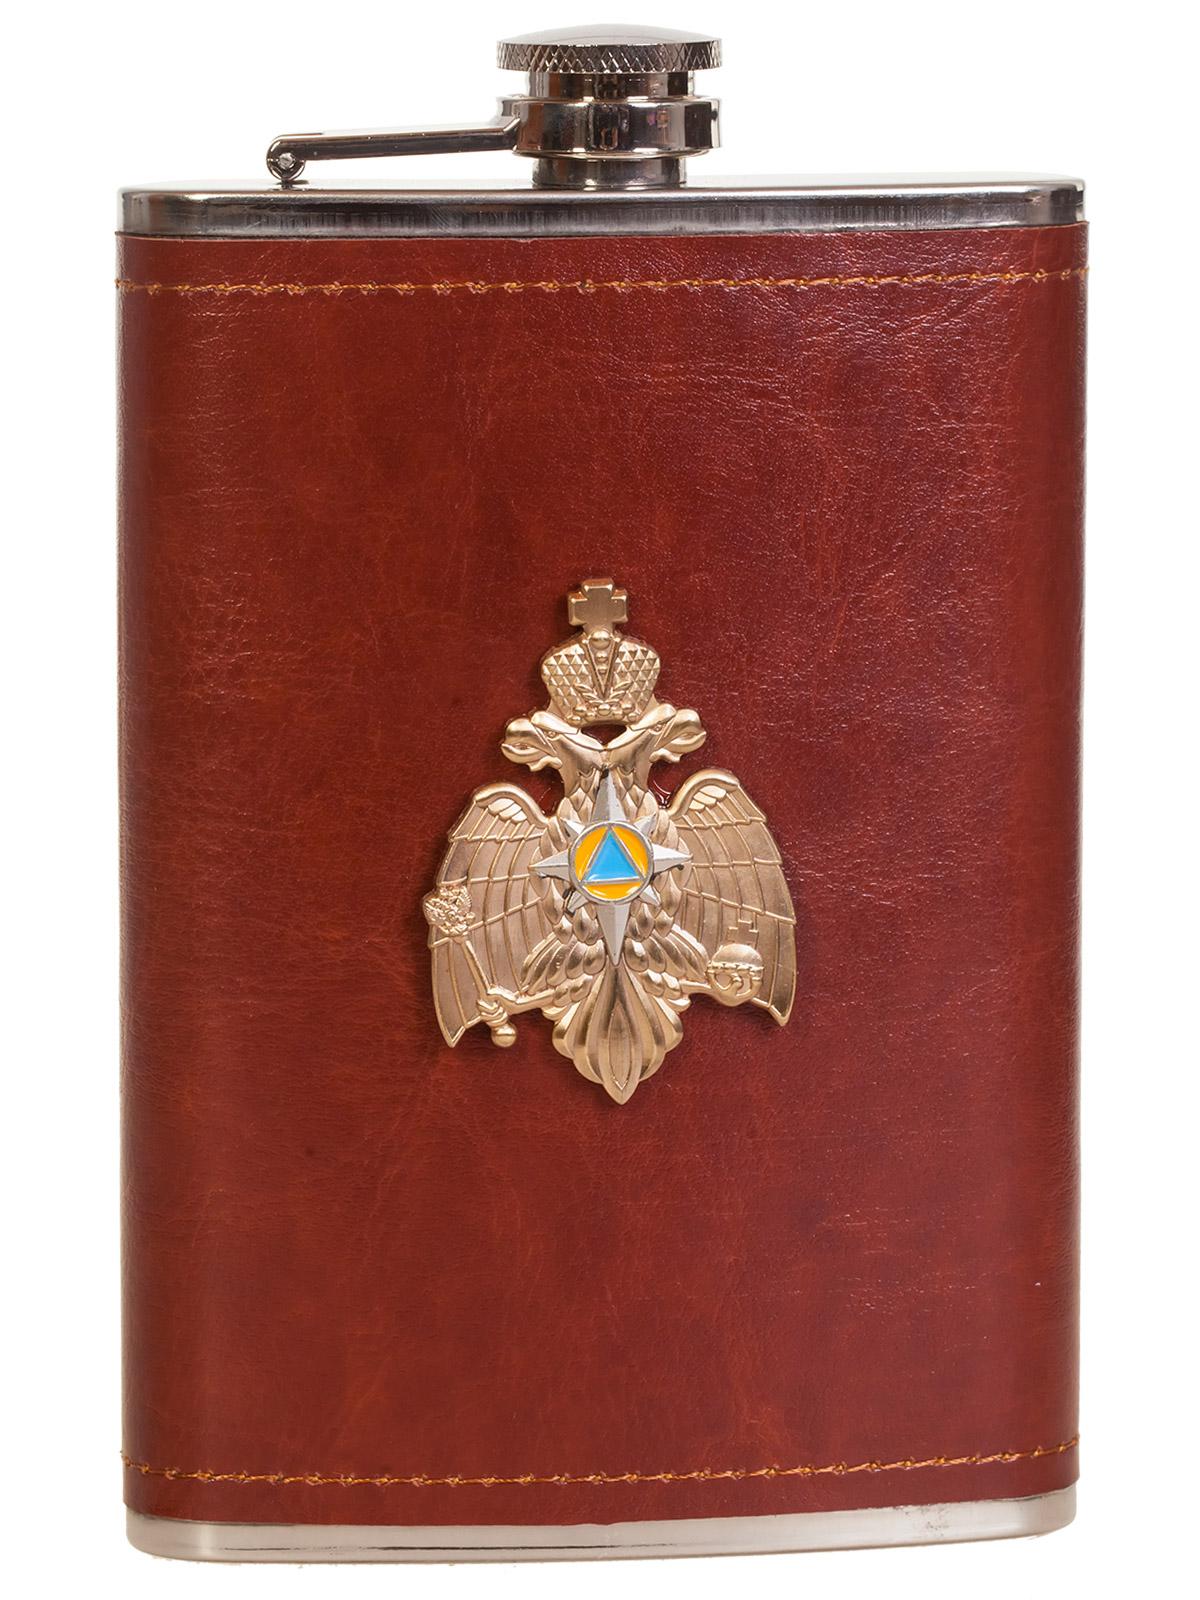 Карманная фляжка в кожаном чехле с металлической накладкой МЧС